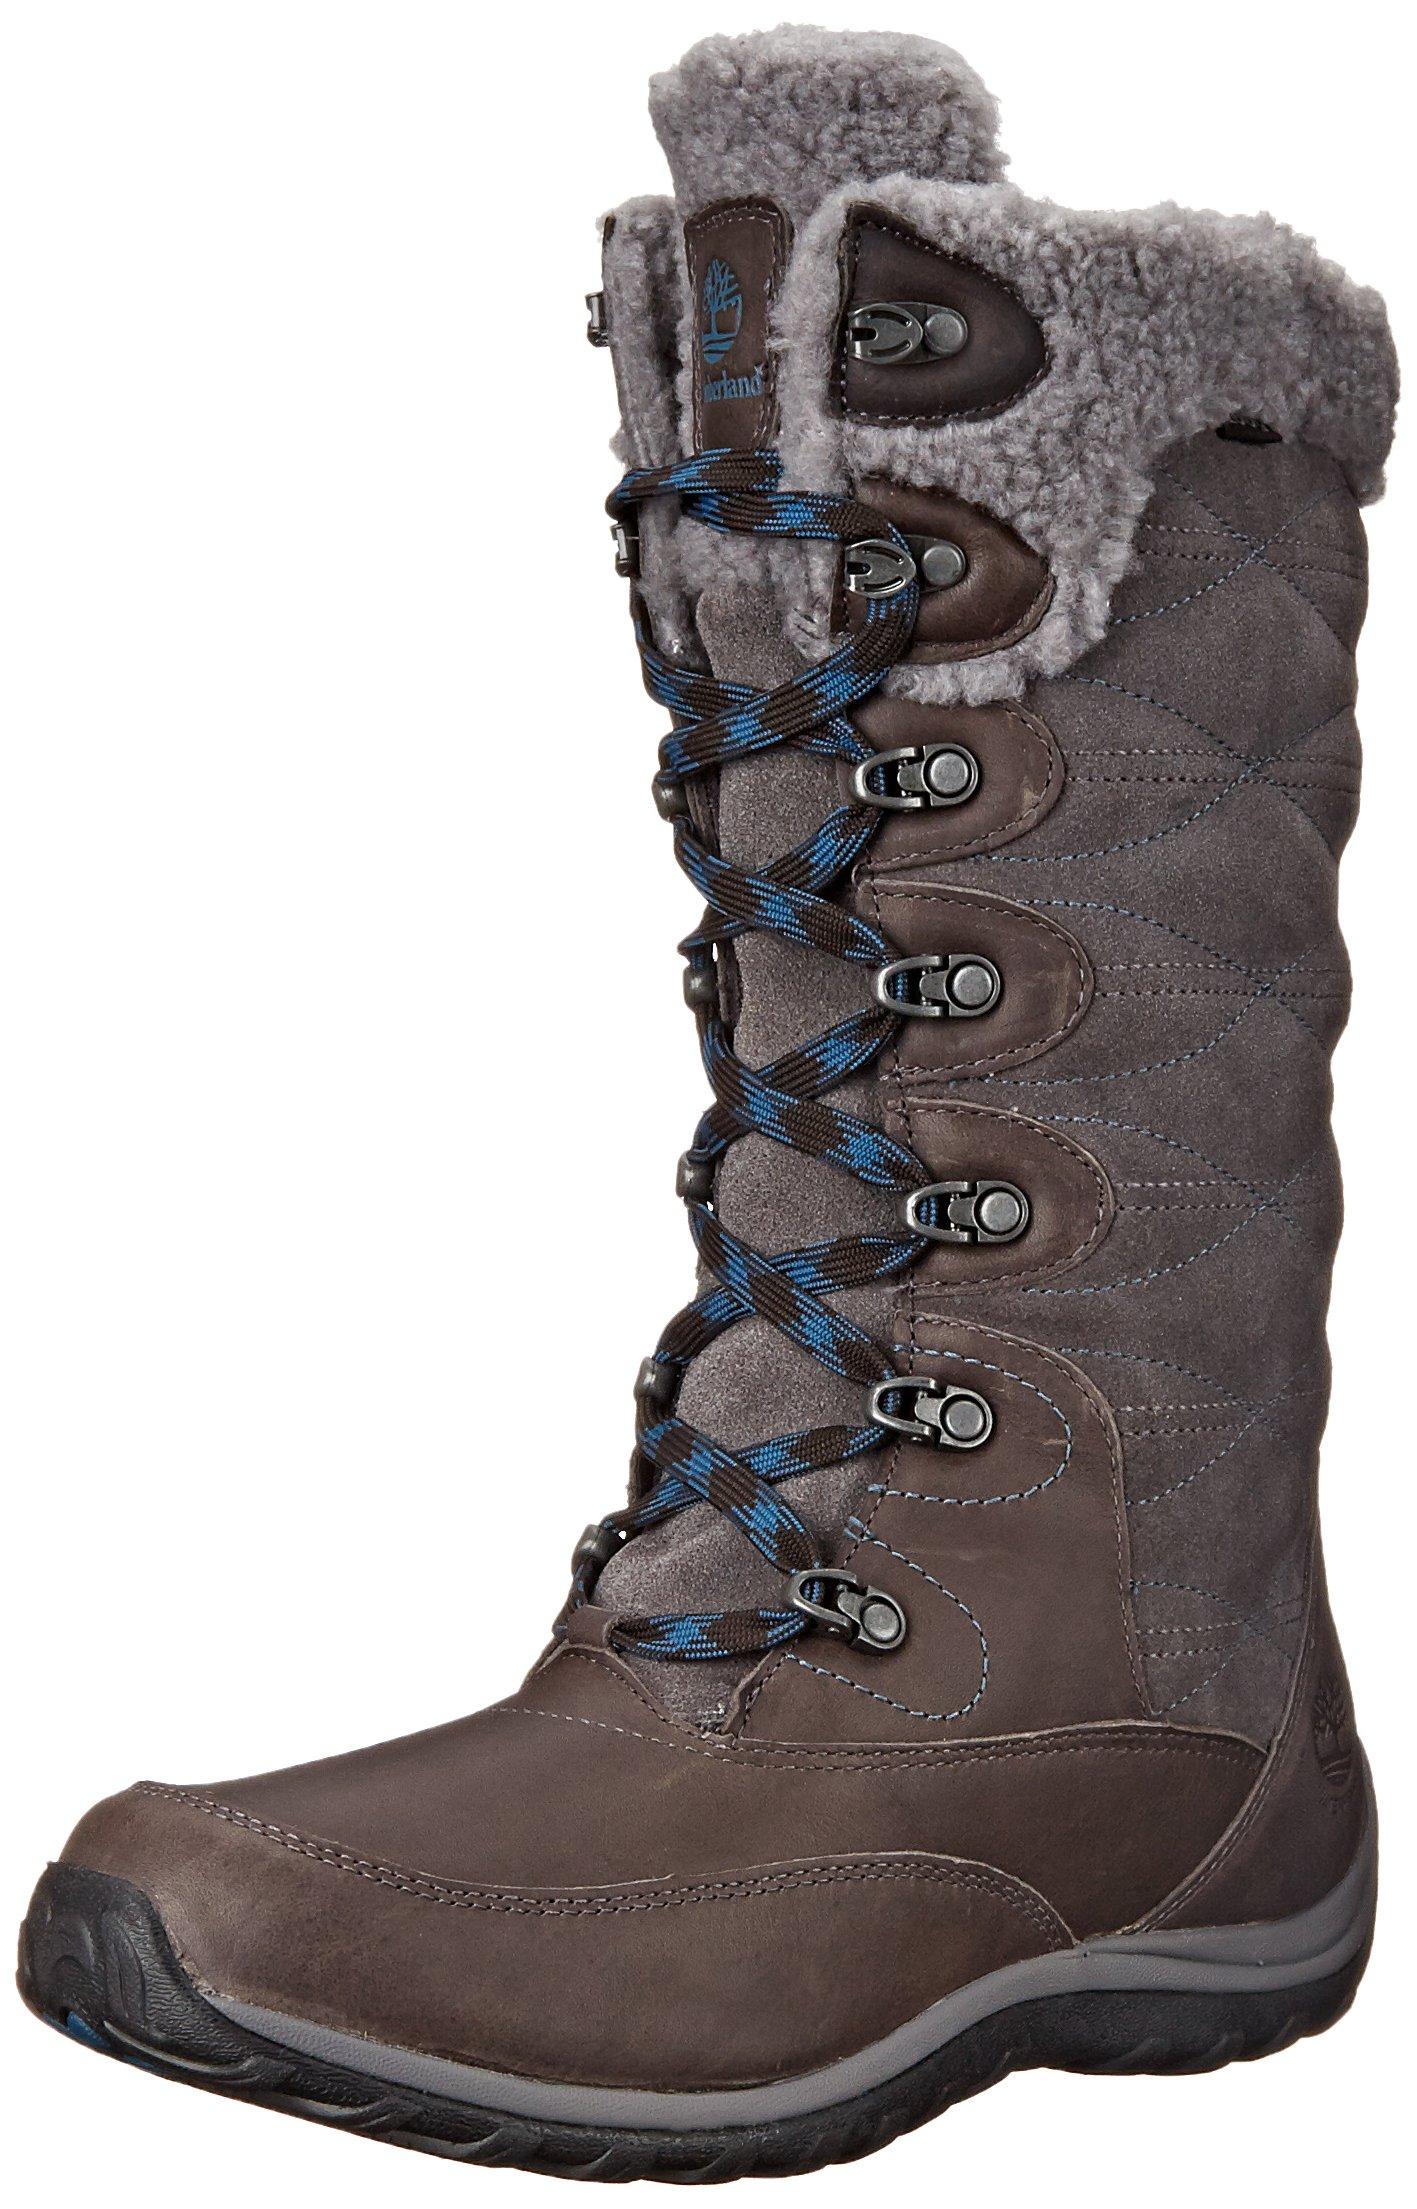 Timberland Women's Willowood WP Insulated Winter Boot, Dark Grey, 8 M US